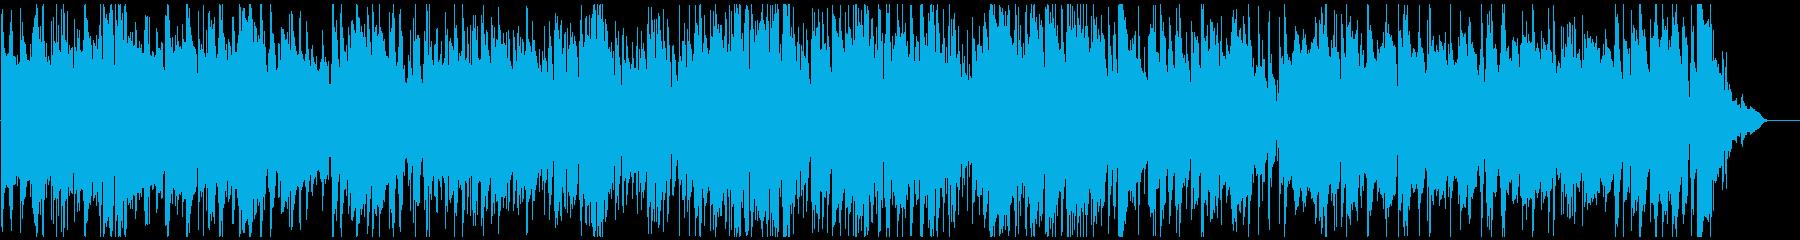 大海原に乗り出すような希望感のあるジャズの再生済みの波形